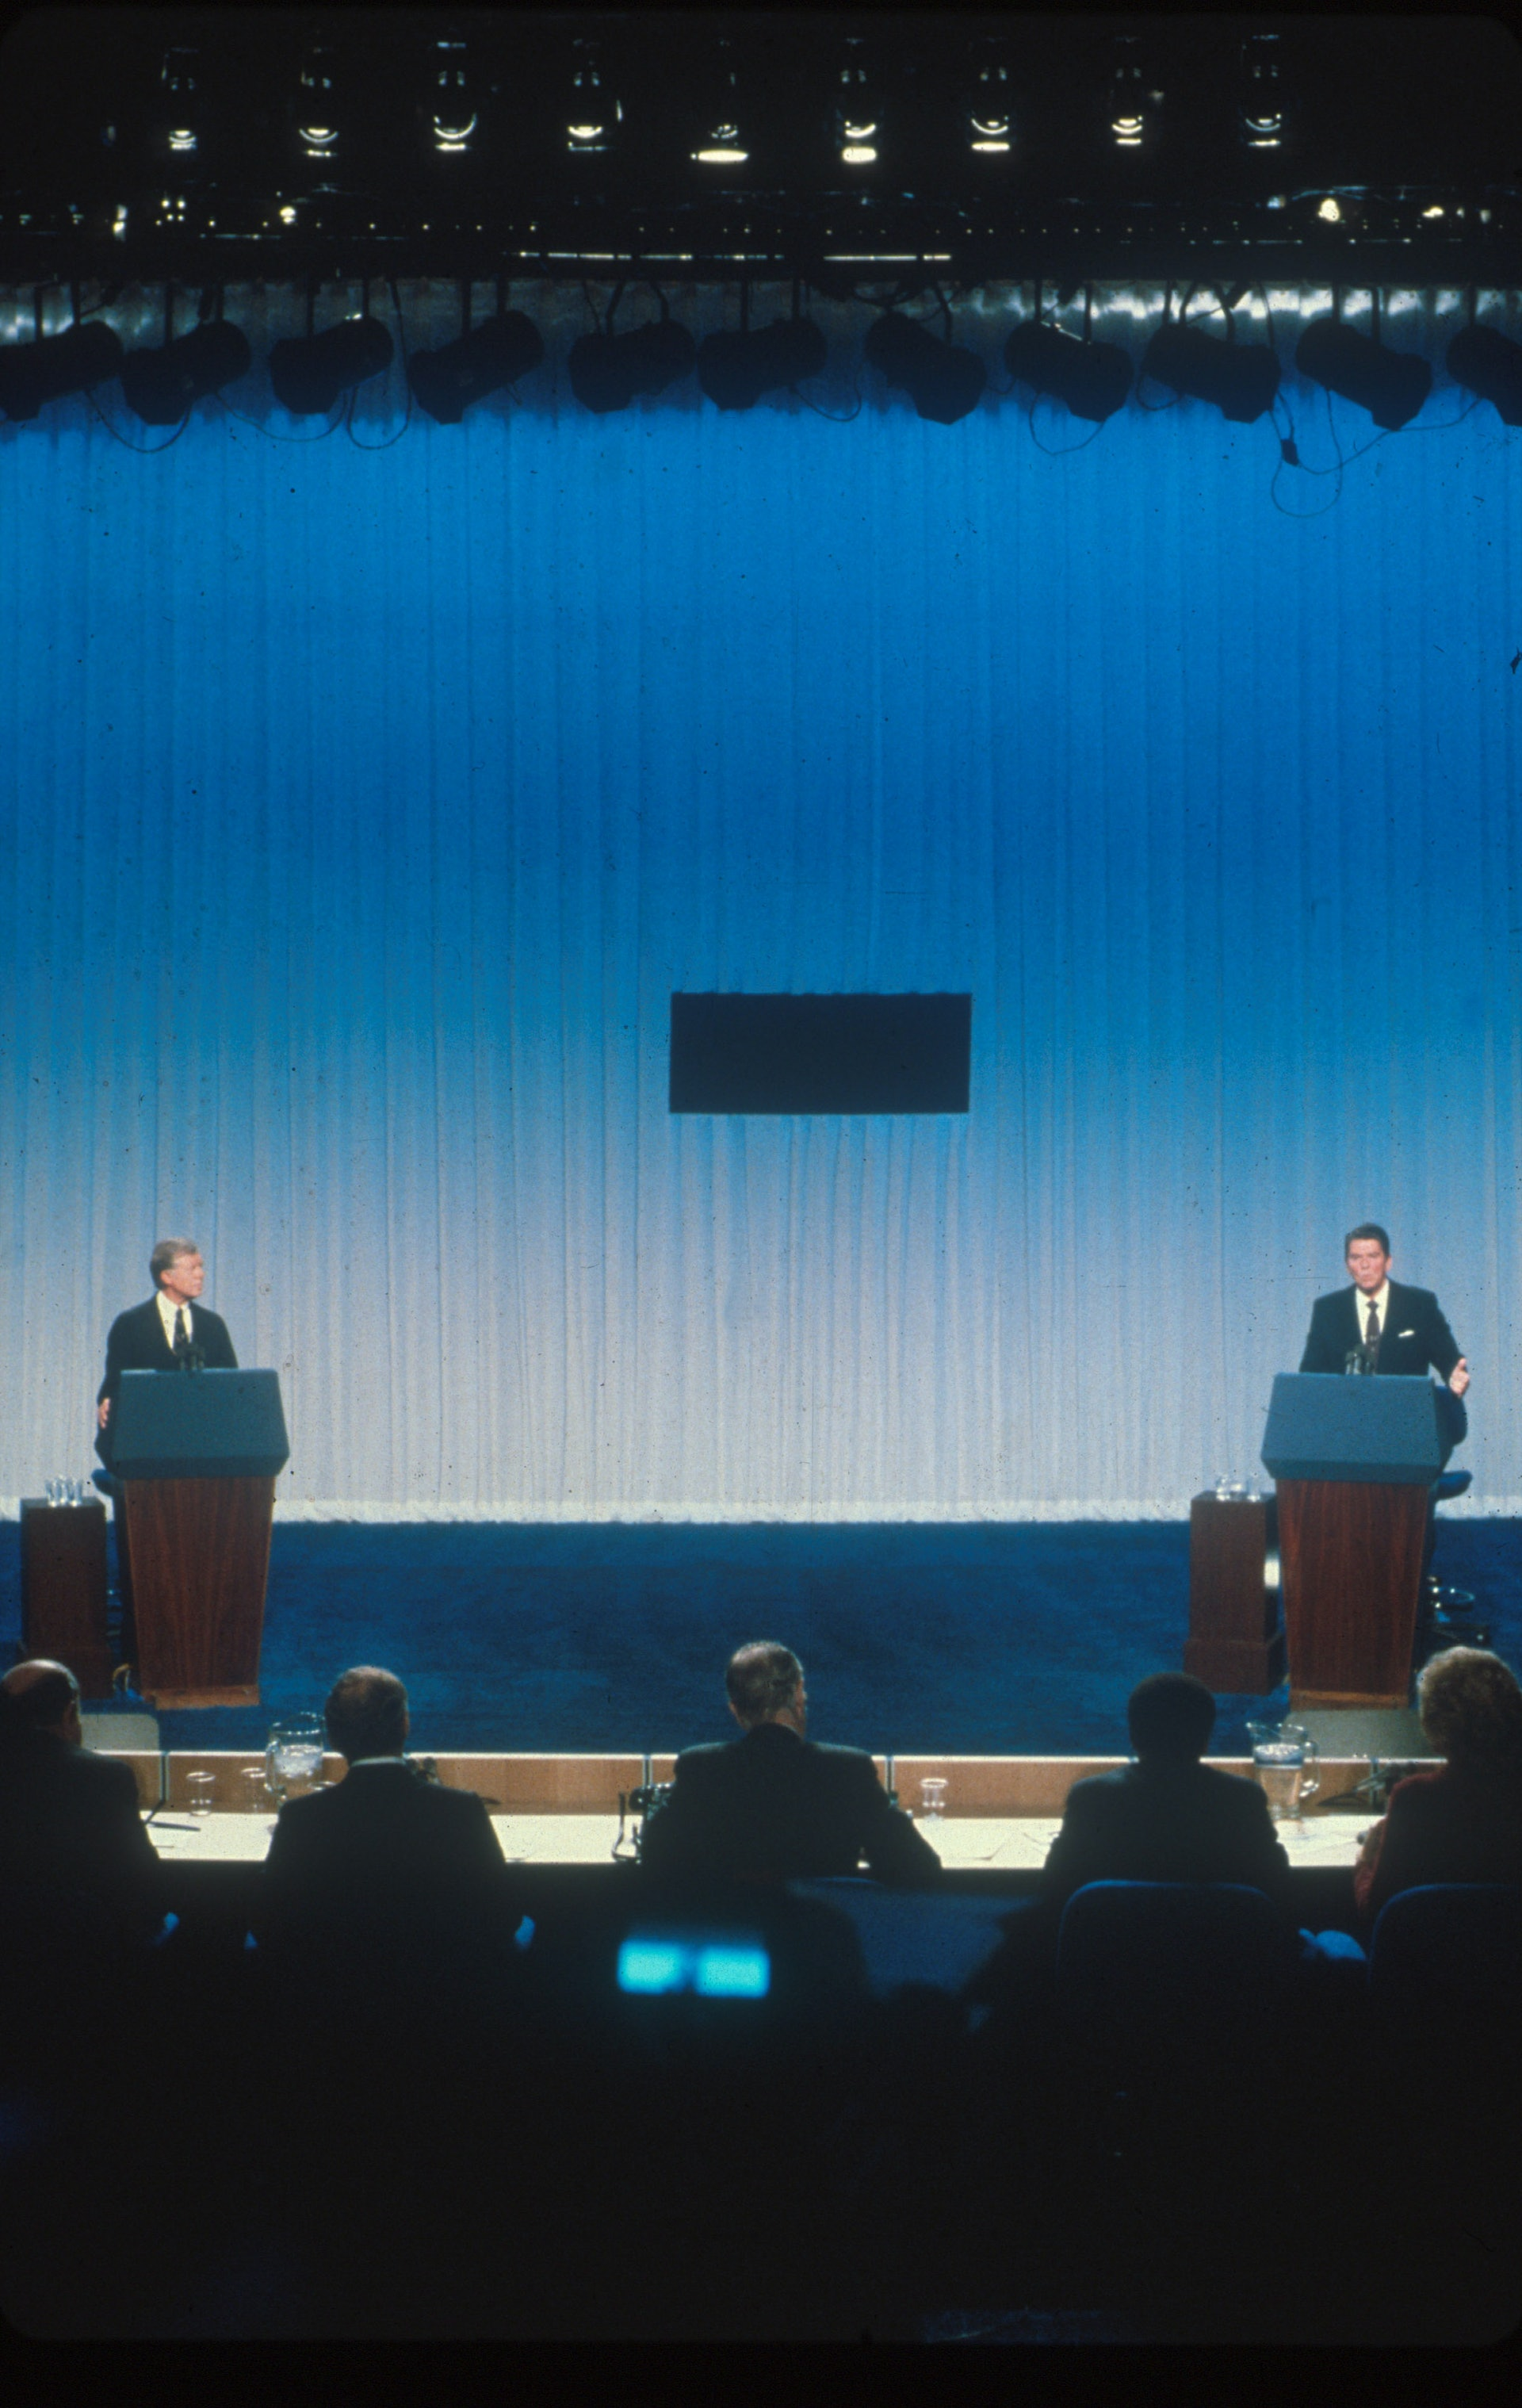 美国总统候选人辩论5:美国加州前州长列根1980年与时任总统卡特参加当年的总统大选。 列根在与卡特辩论时,请观众们想一想他们生活是否比卡特当选总统前要好。 列根的亲和力有助他与很多观众良好沟通。 图为1980年10月31日,卡特和列根身在辩论会场。 (Getty)